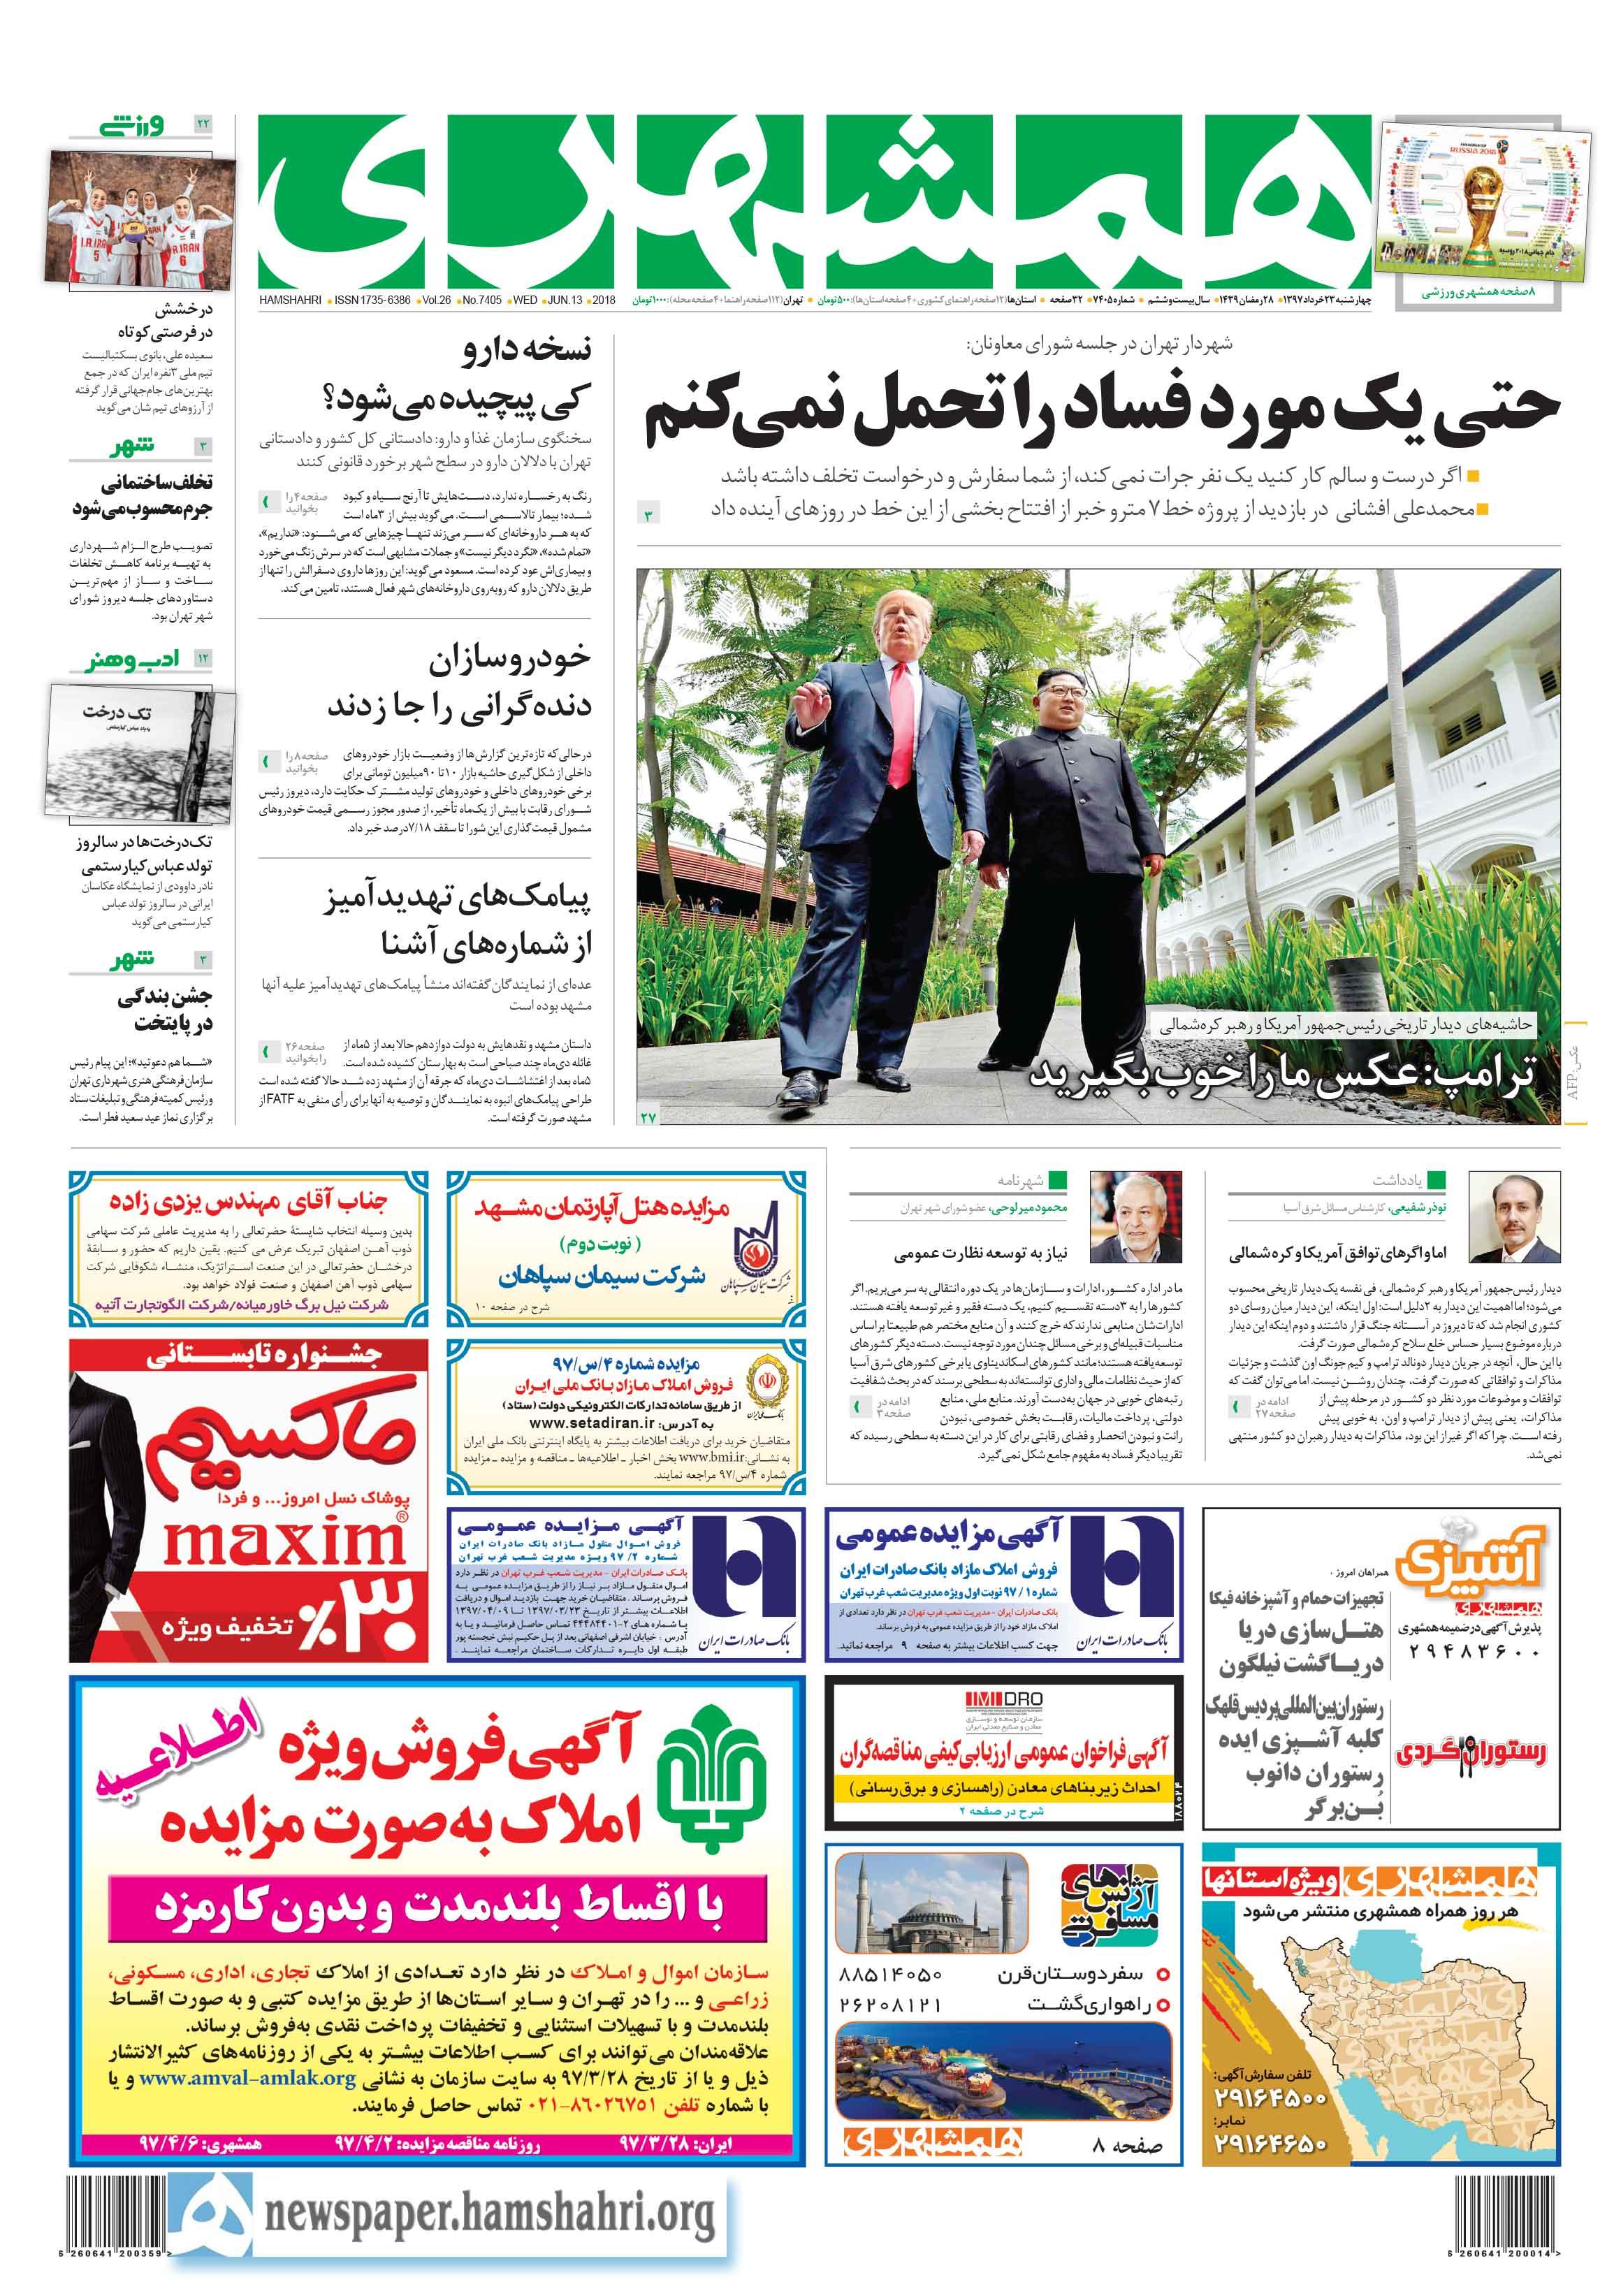 صفحه اول چهارشنبه 23 خرداد 1397